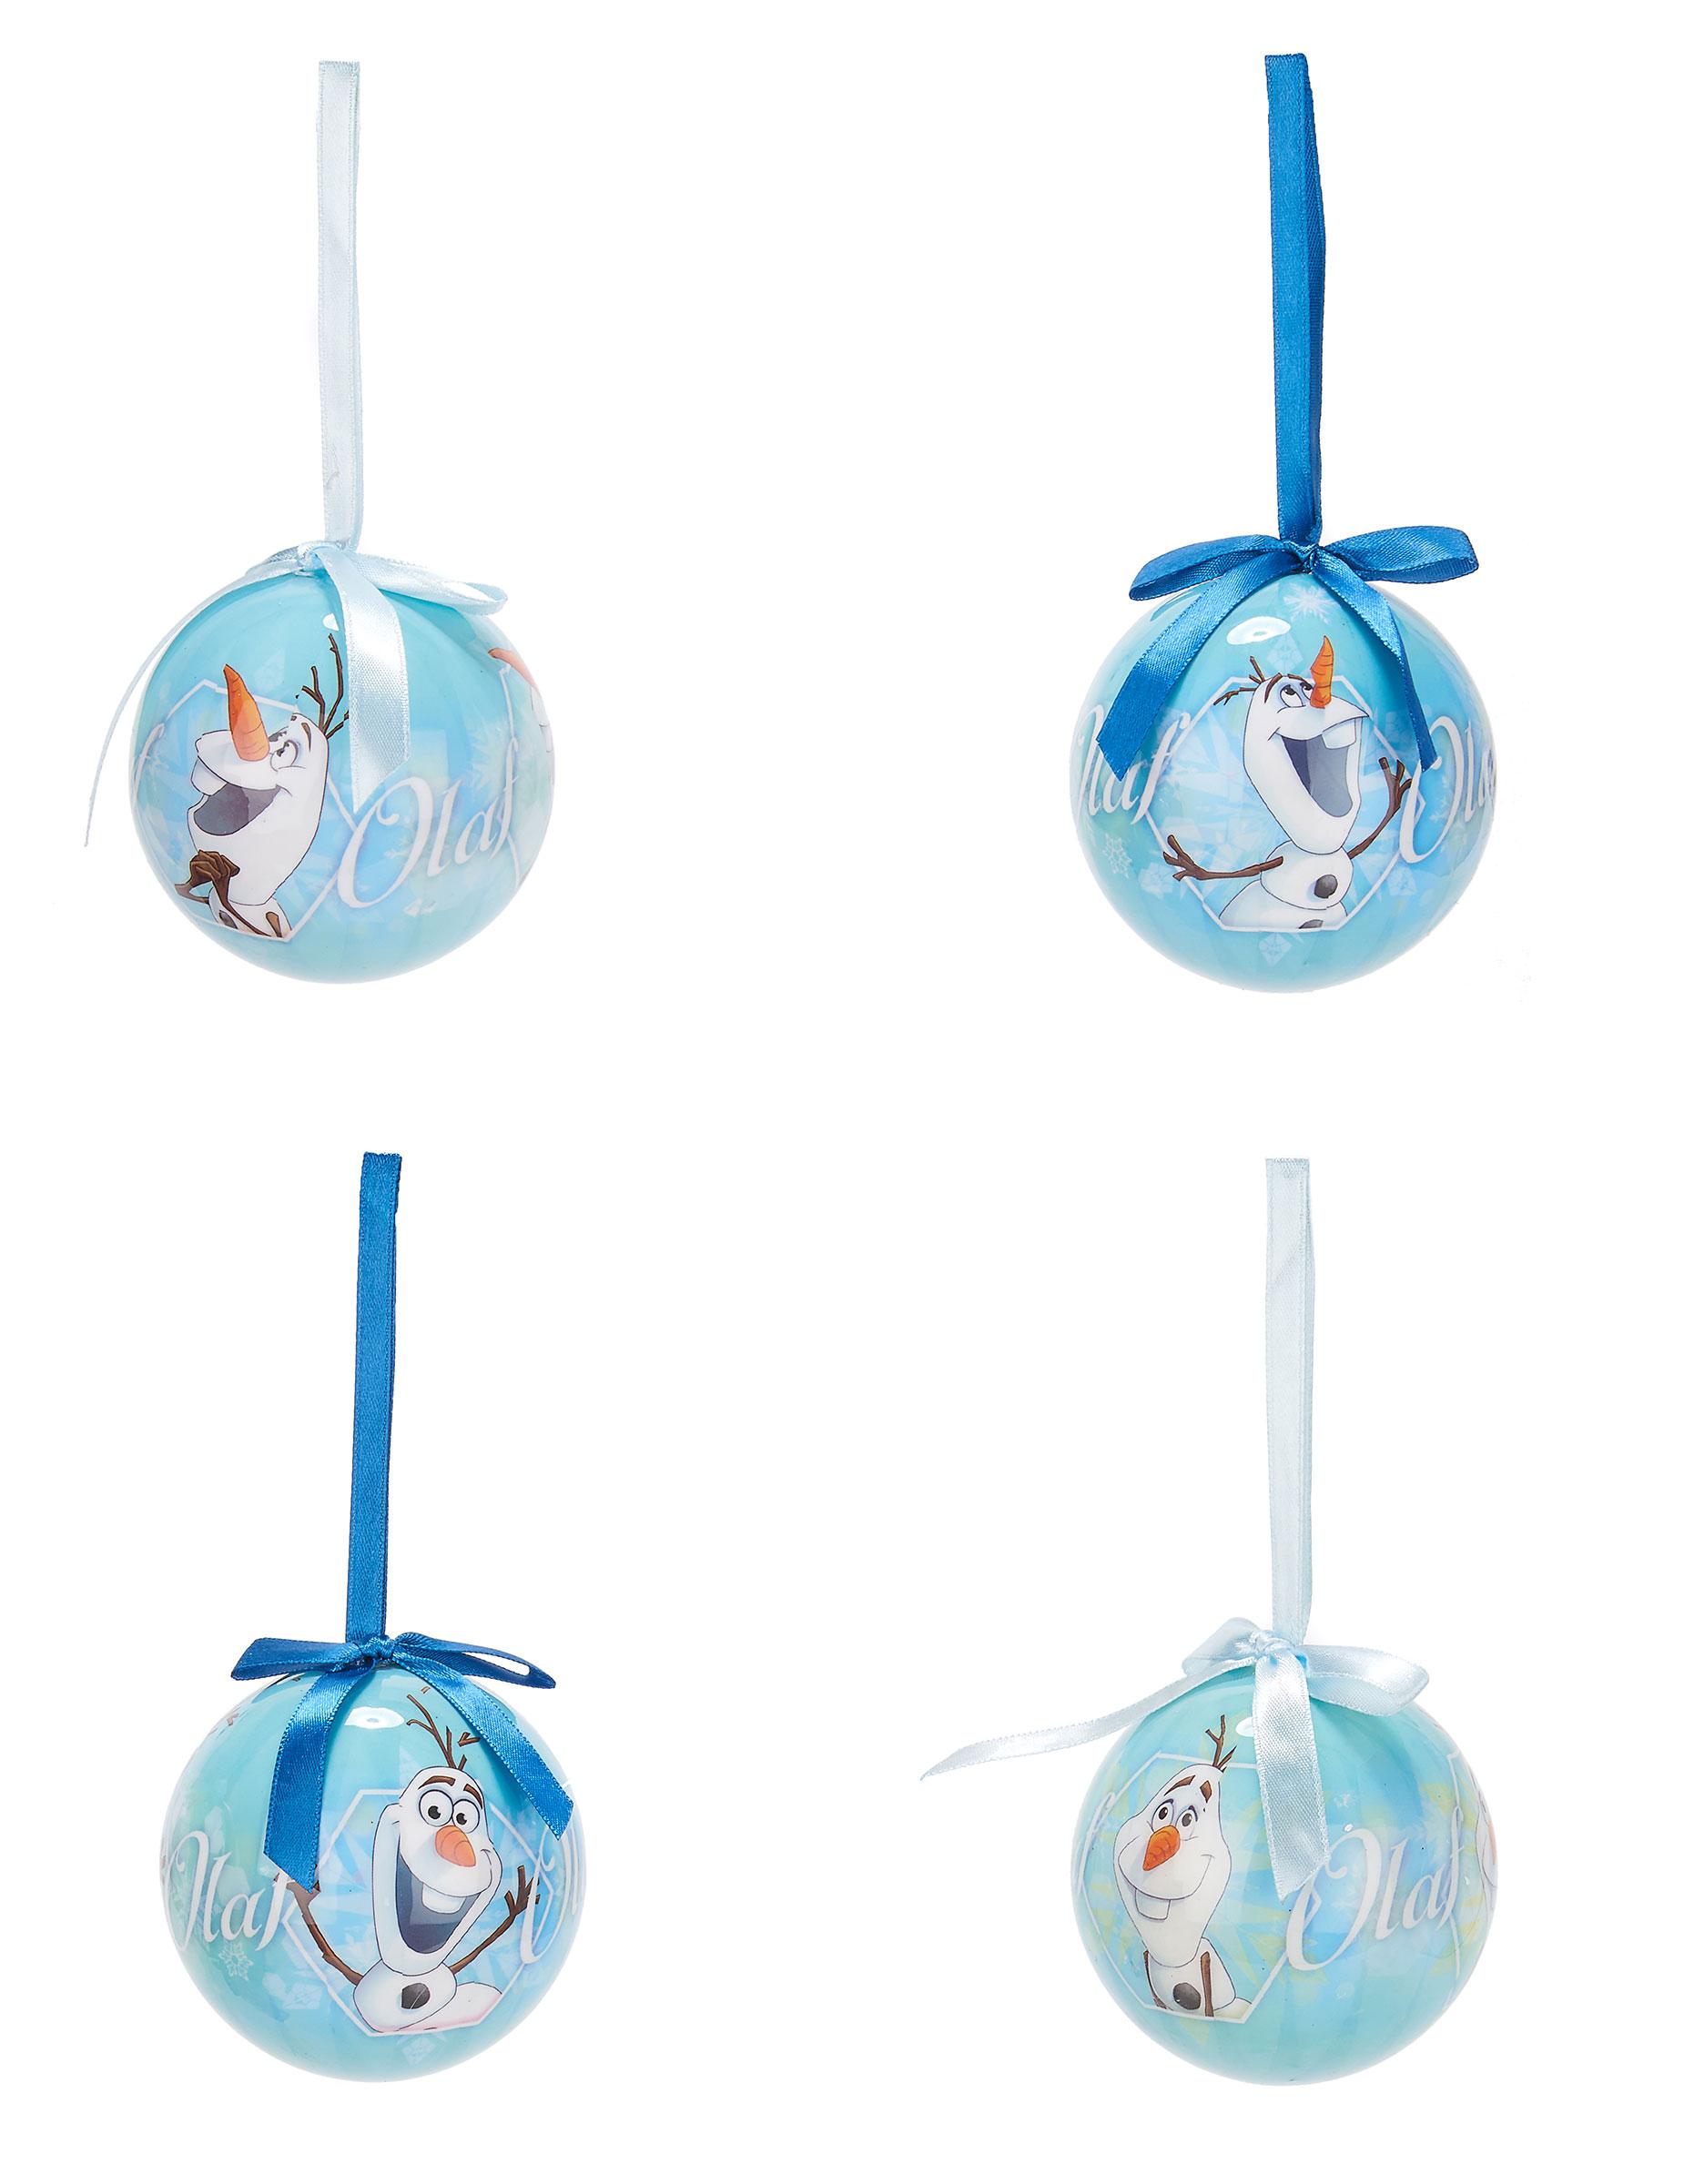 Günstige Christbaumkugeln.Christbaumkugeln Weihnachten Lizenzware Die Eiskönigin Olaf 4 Stück Blau Weiss